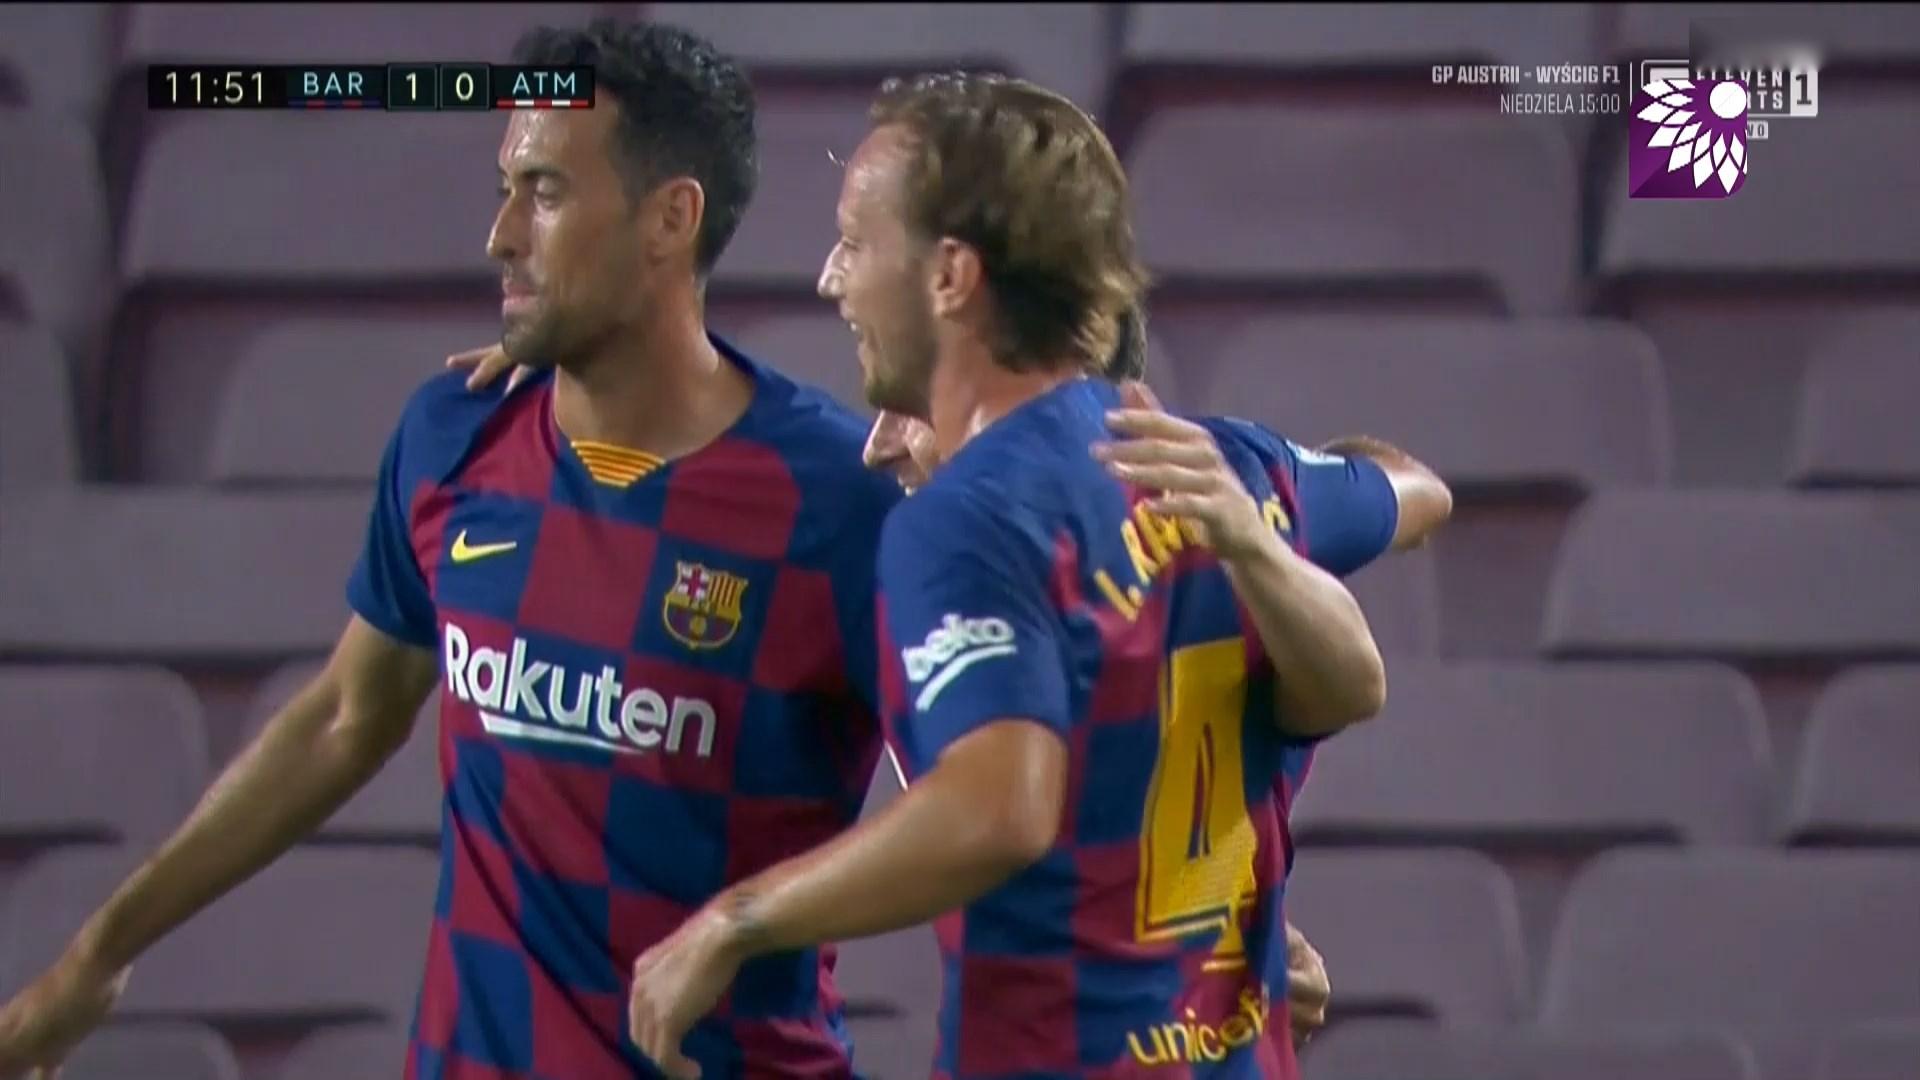 شاهد اهداف مباراة برشلونة وأتلتيكو مدريد اليوم 30-6-2020 جودة عالية hd